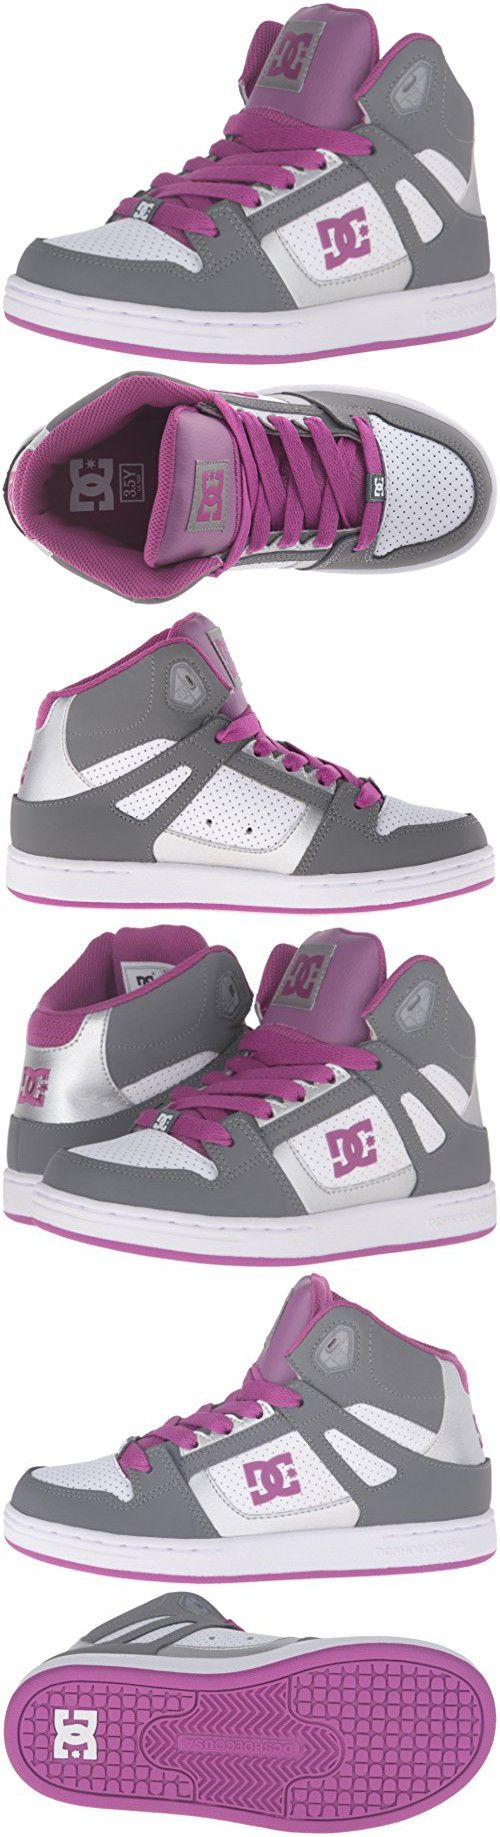 Zapatillas para mujer SE Sneaker, Azul / Blanco, 11 M US Big Kid